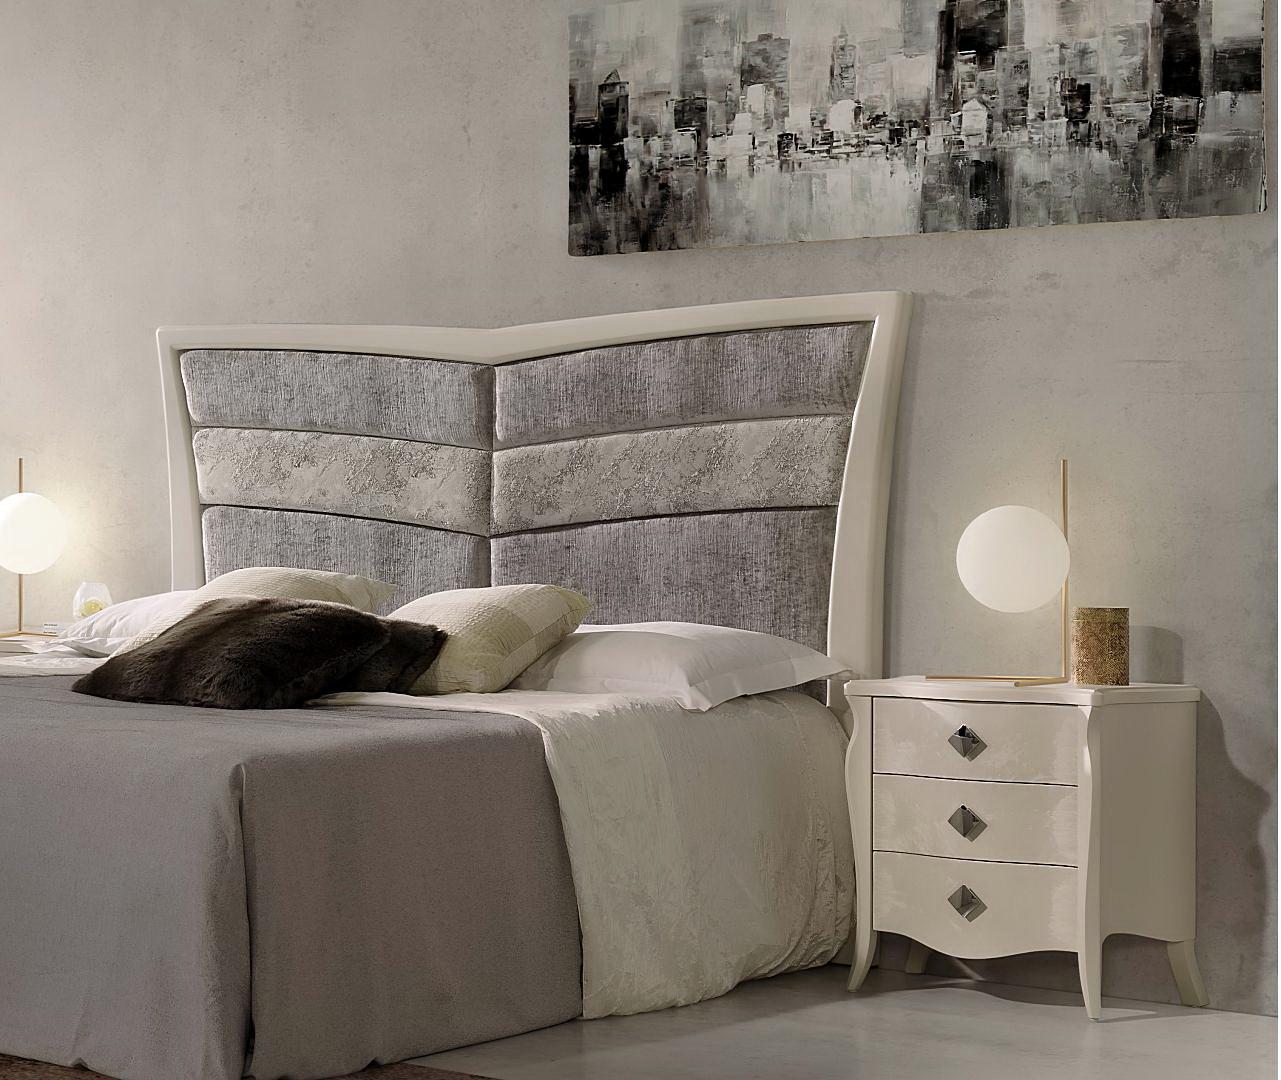 Dormitorio contemporáneo FRIDA cabecero tapizado y retroiluminado by Artecesar en Muebles ANTOÑÁN León (2)